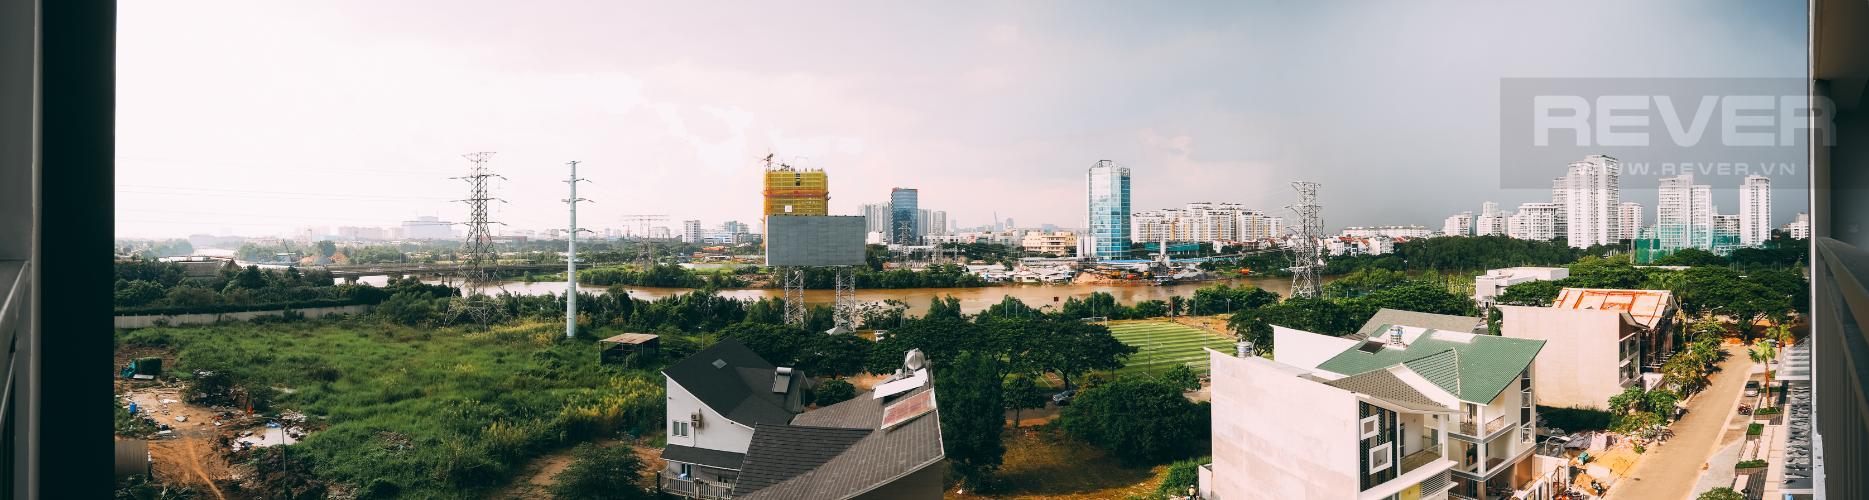 View Bán căn hộ Sunrise Riverside tầng 14, tháp G1, 3PN, diện tích rộng rãi